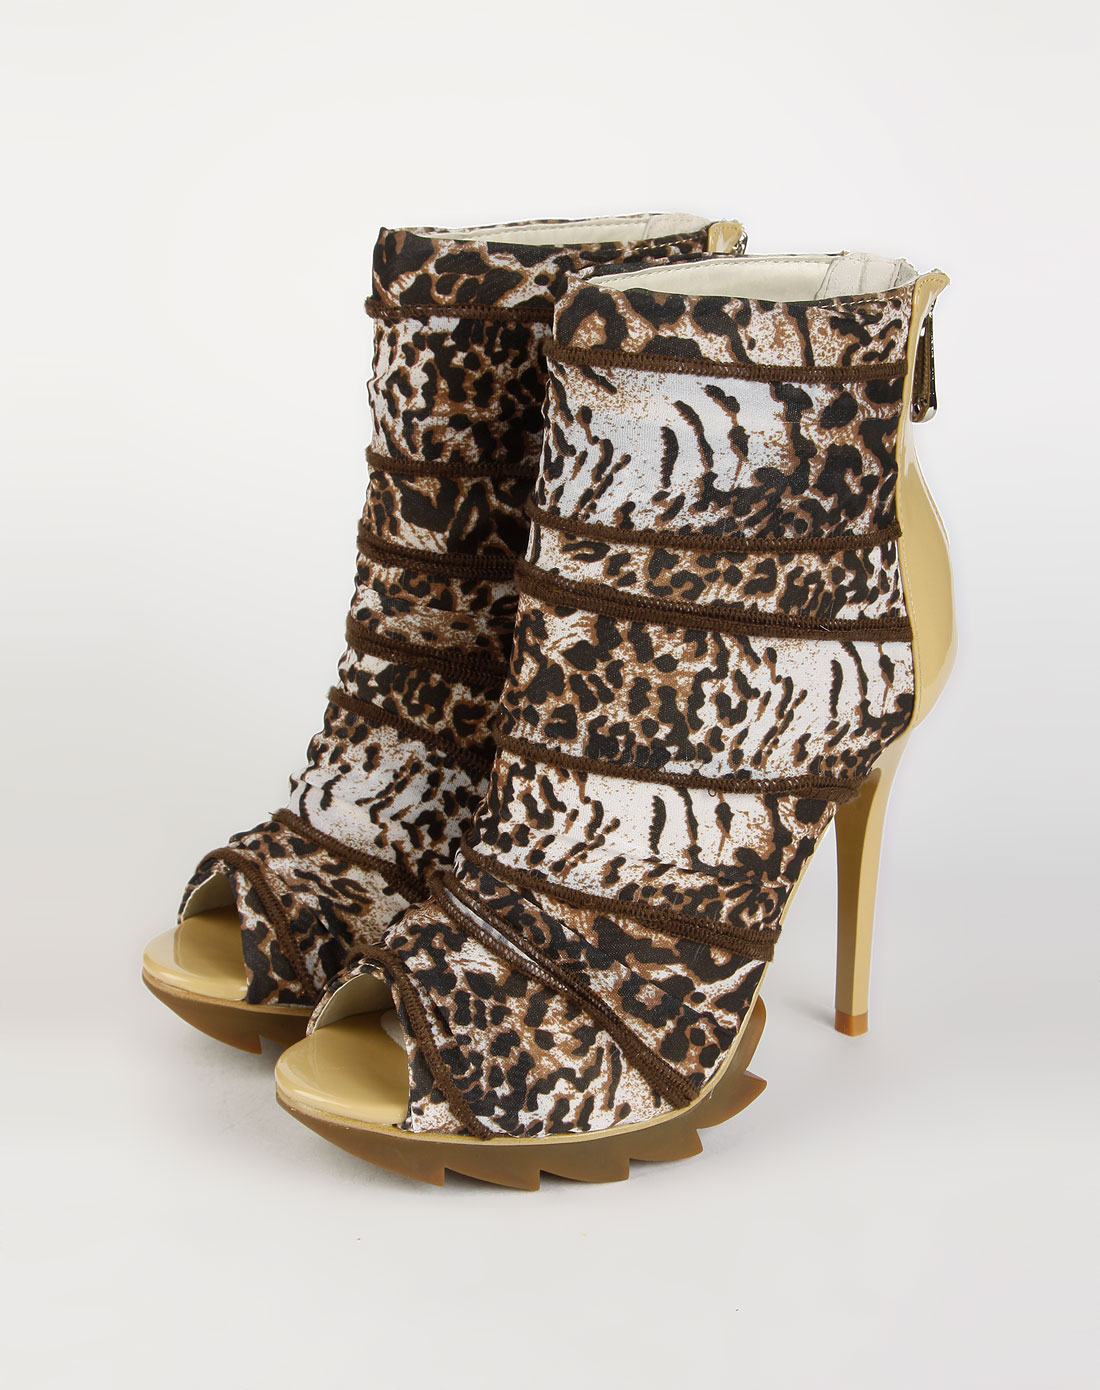 棕色印花后拉链高跟凉鞋